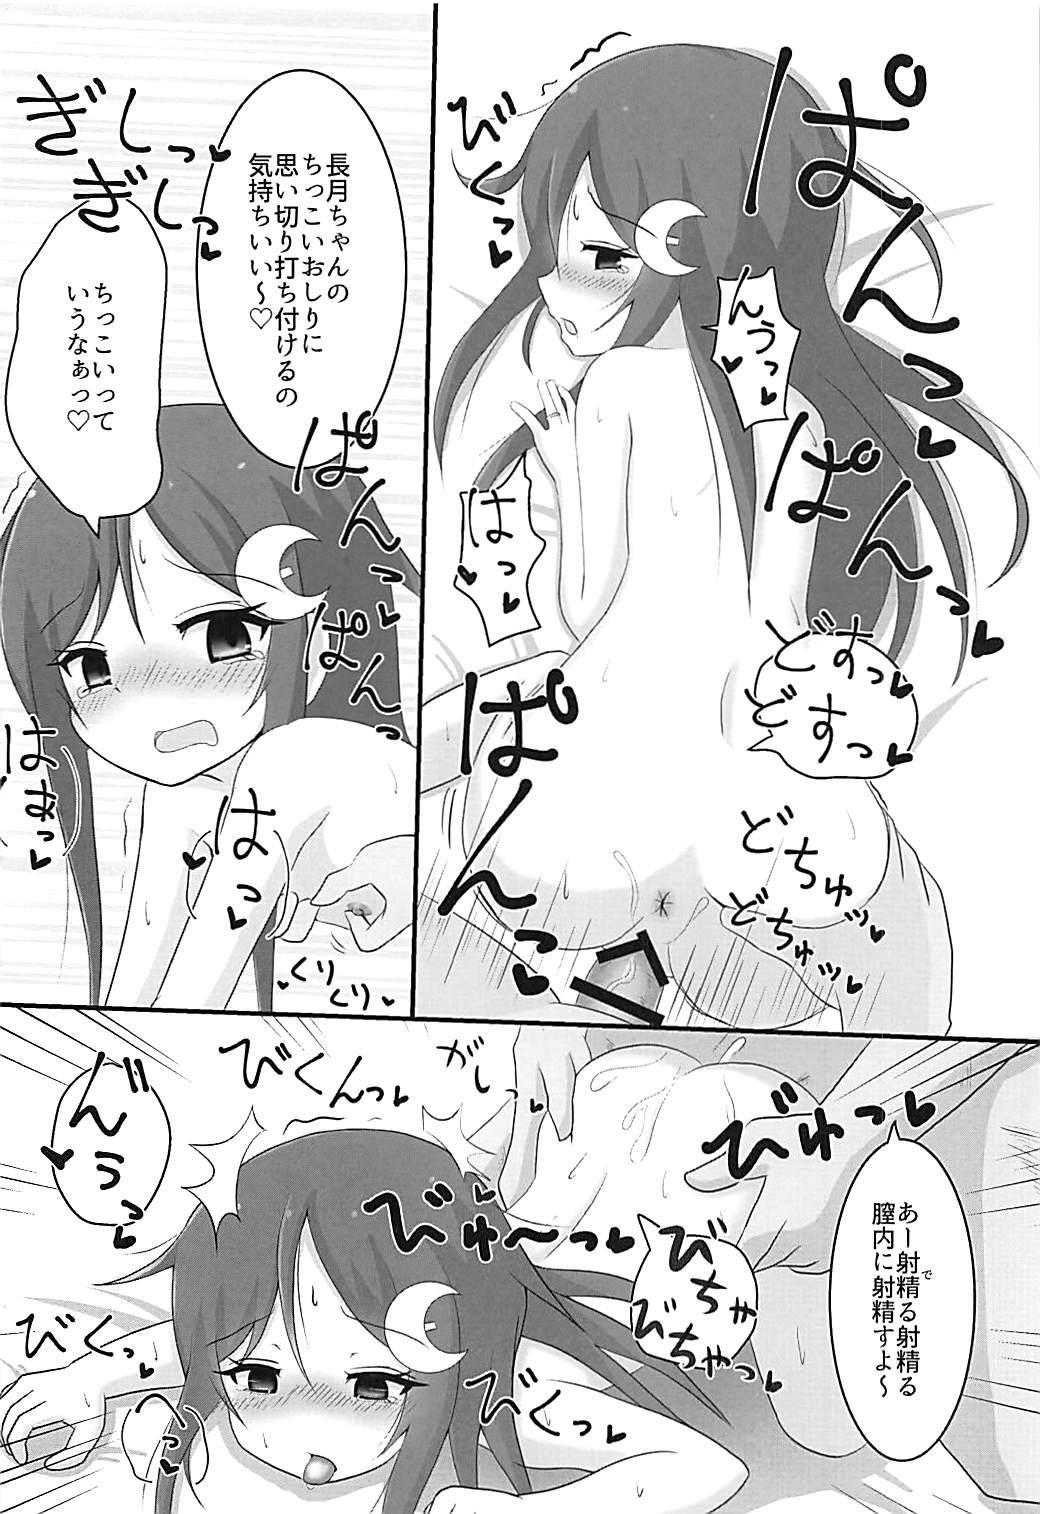 Nagatsuki-chan to Ecchi na Koto Suru Hon 2 12